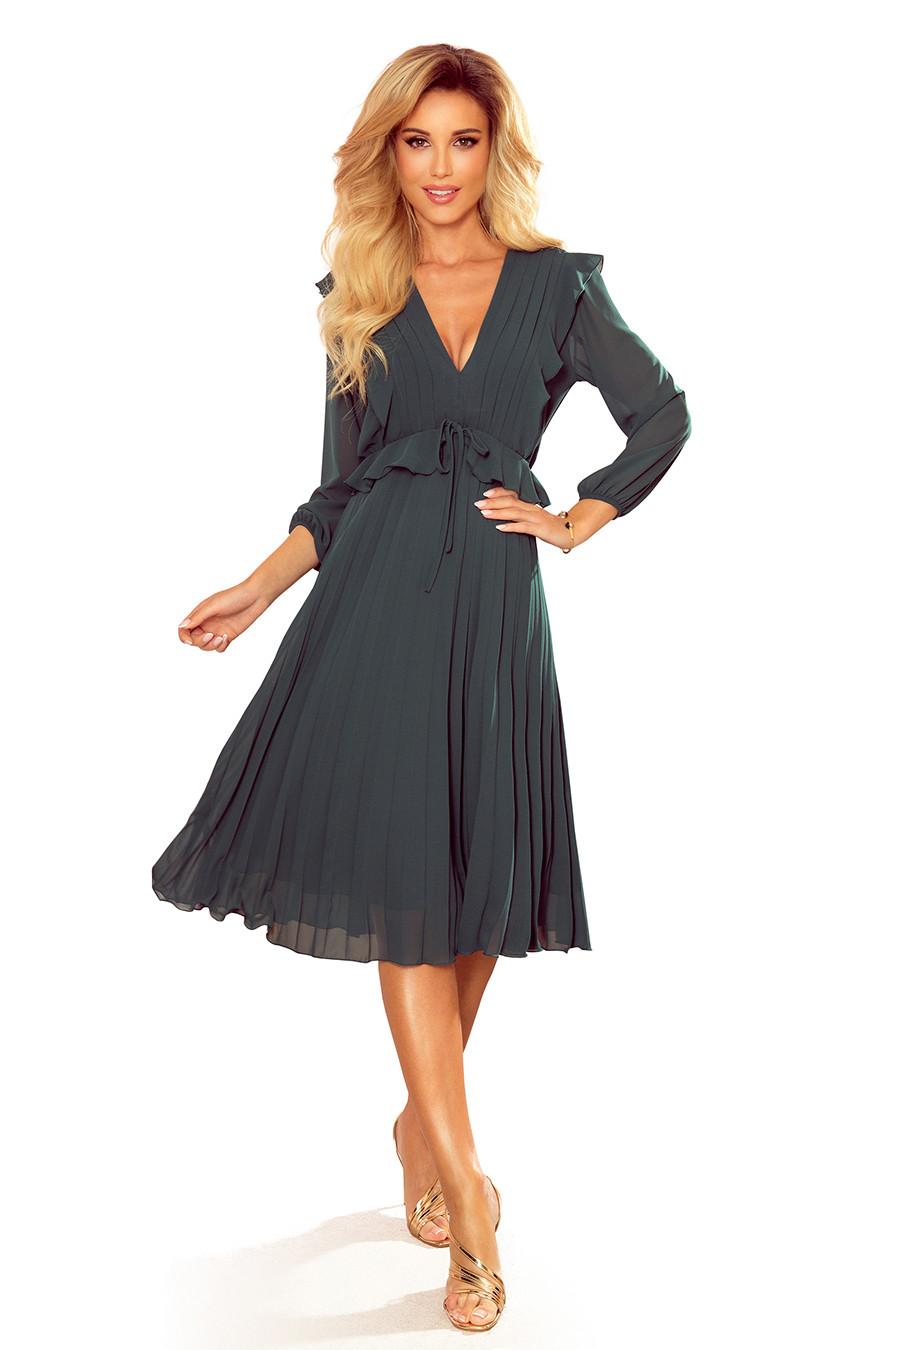 Dámské šaty 341-2 POLLY - NUMOCO zelená XL